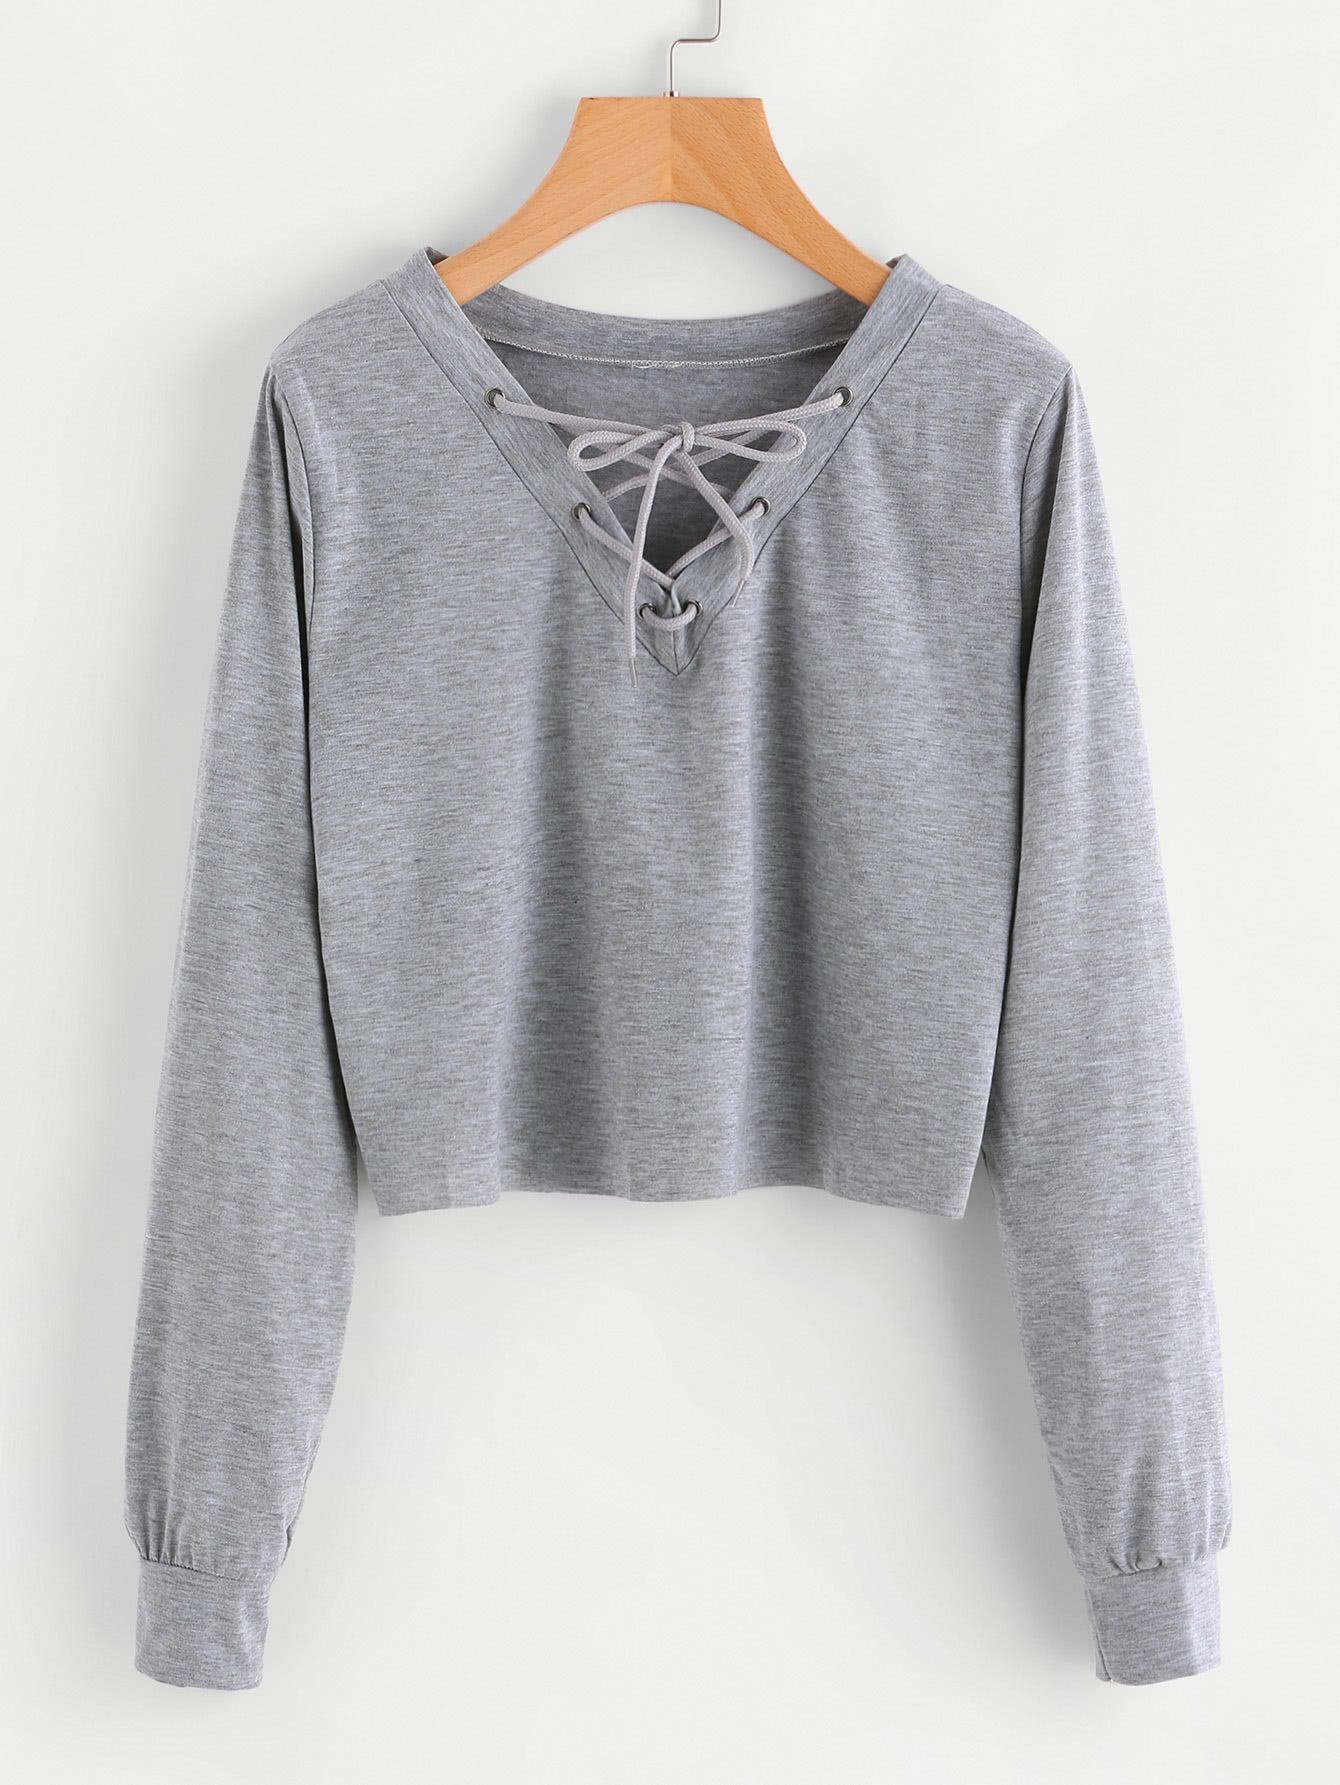 Eyelet Lace Up Sweatshirt  2f58f8c38